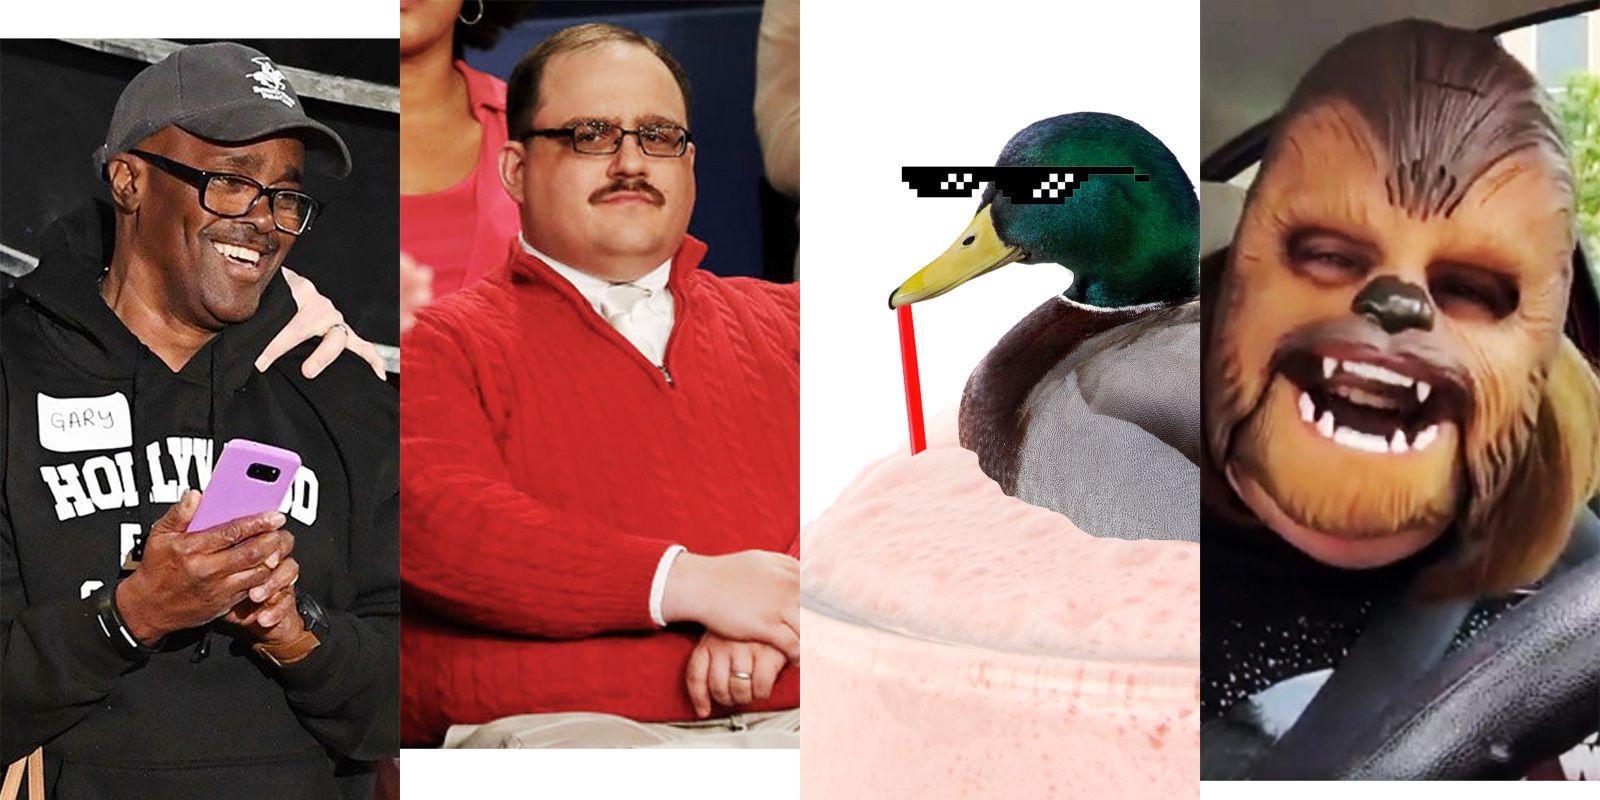 1498252750 milkshake duck 4up credit getty youtube 2 what is milkshake duck?